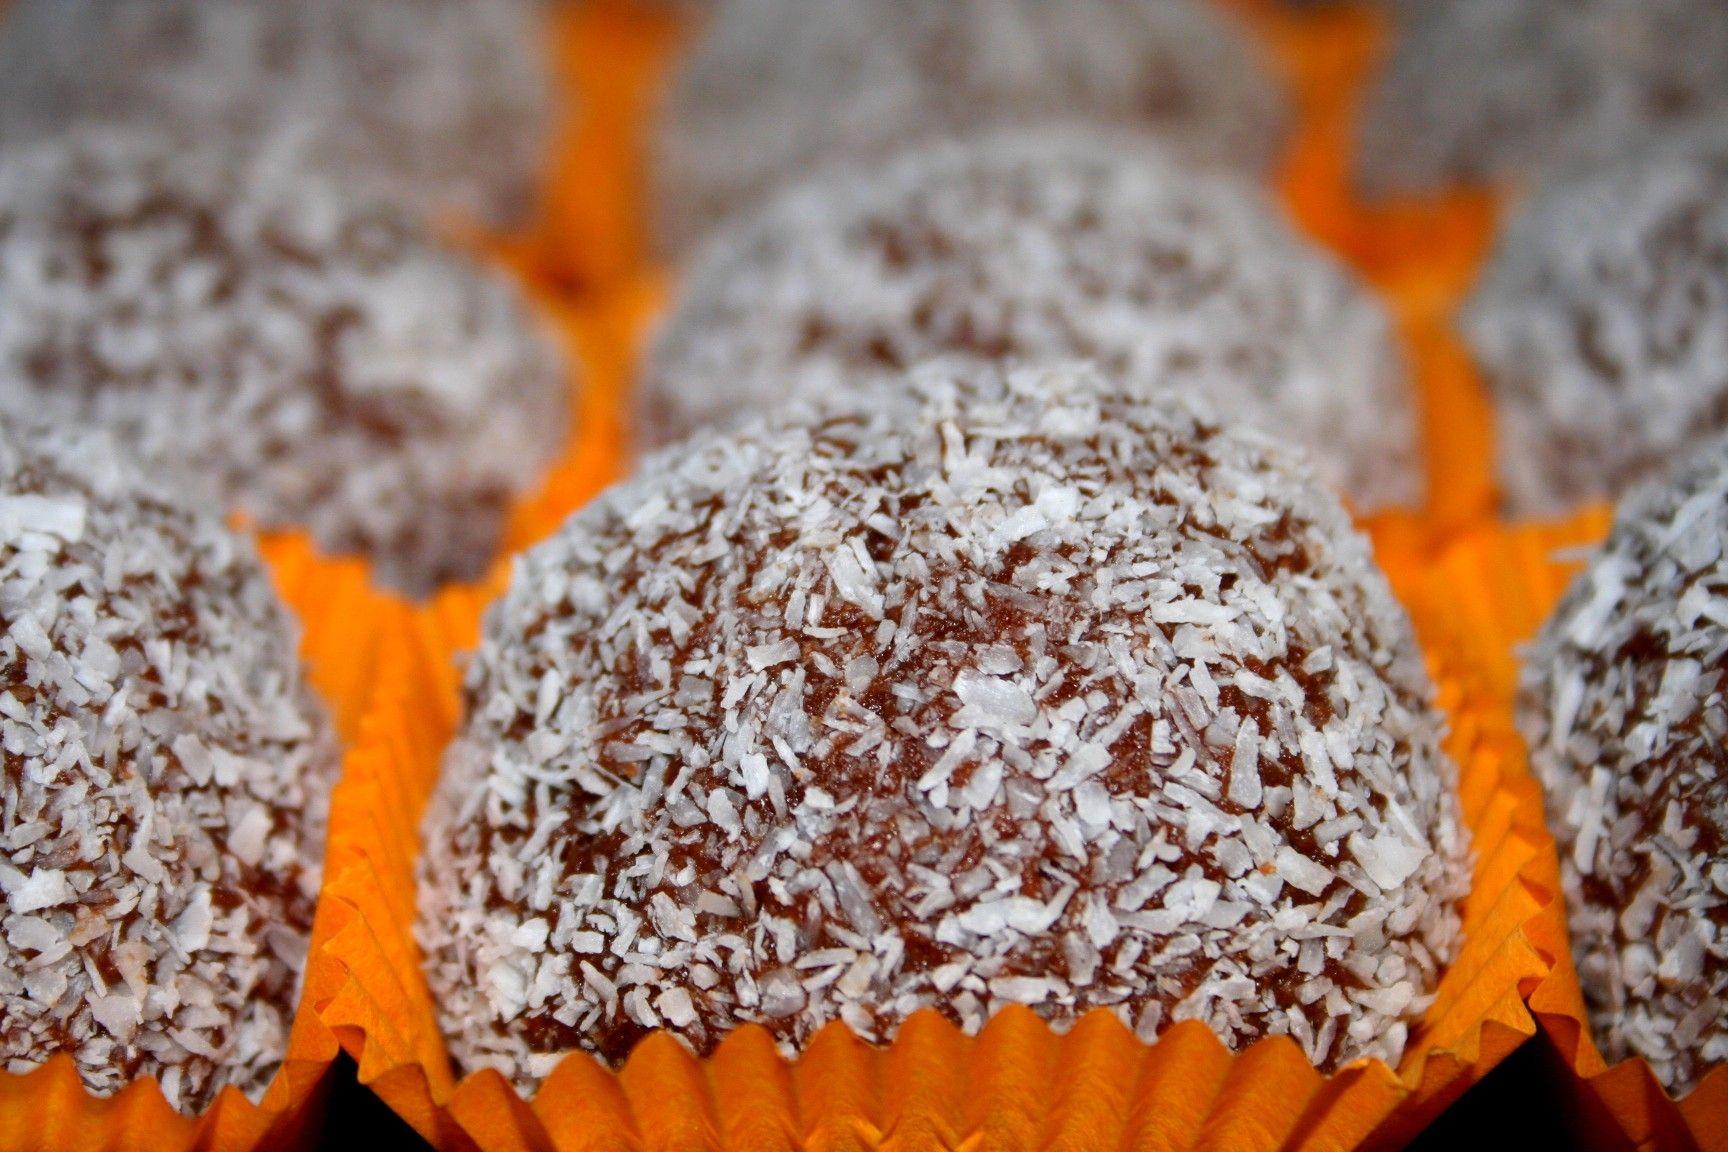 כדורי שוקולד - צילום: שפרה נחום